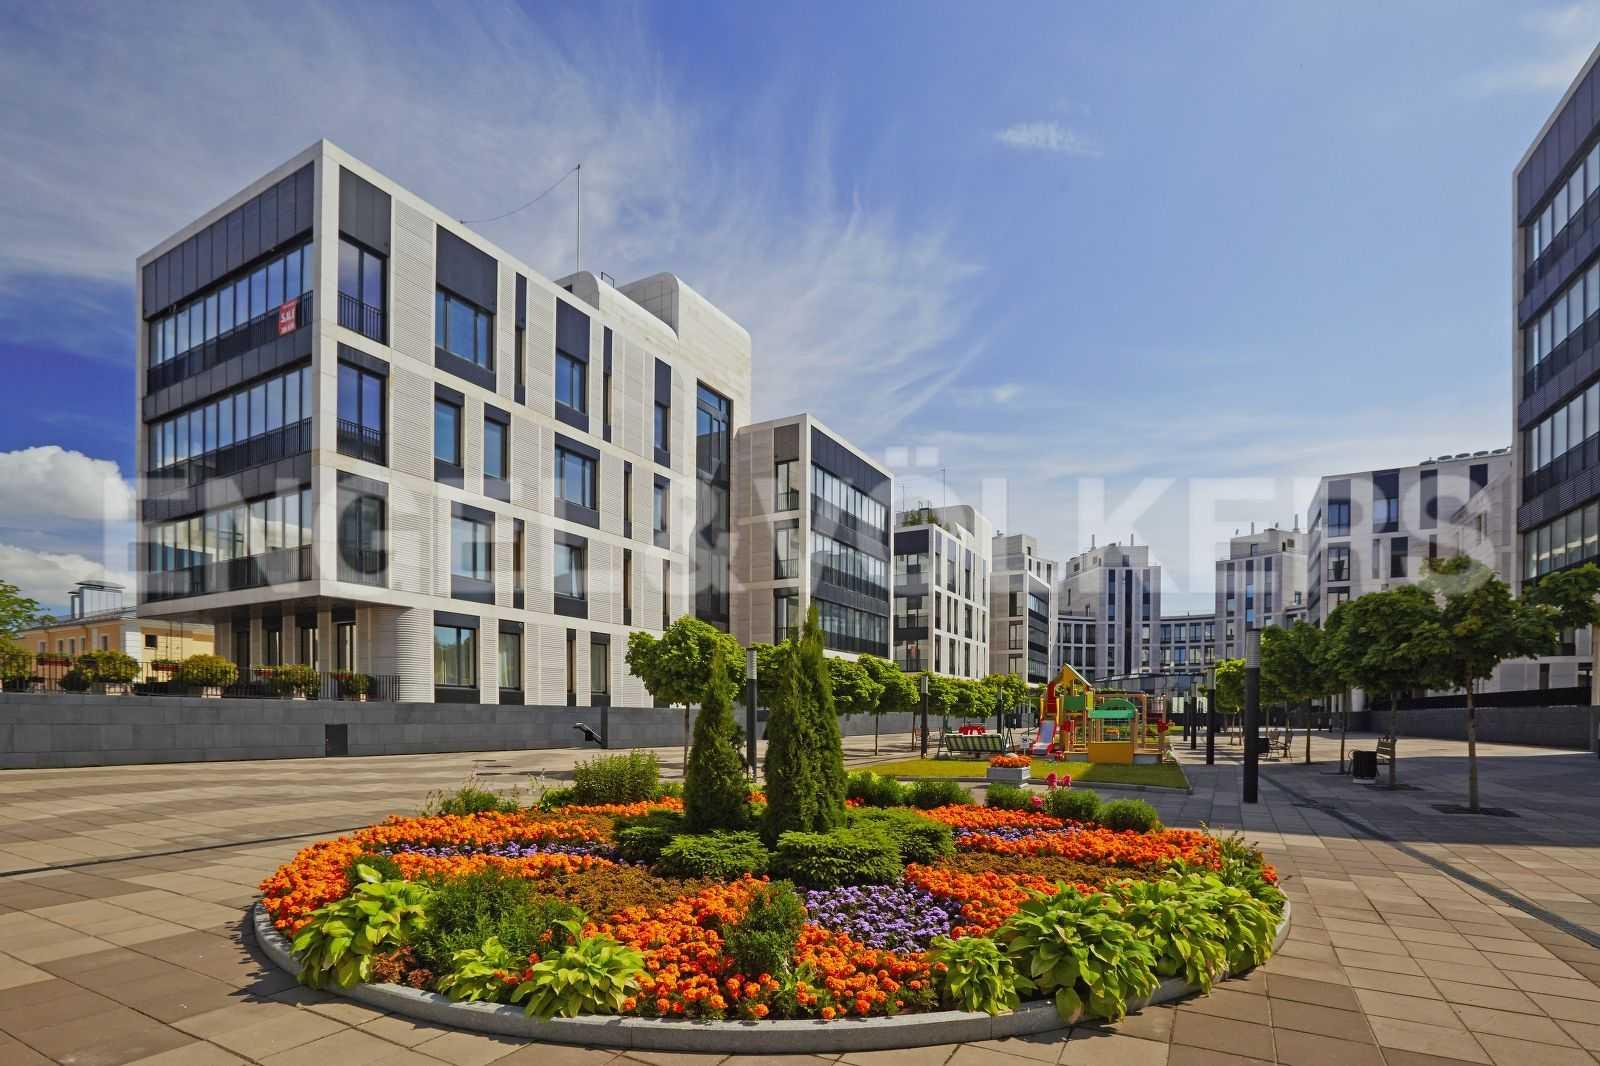 Элитные квартиры на . Санкт-Петербург, наб. Мартынова, 74. Территория комплекса с ландшафтным дизайном